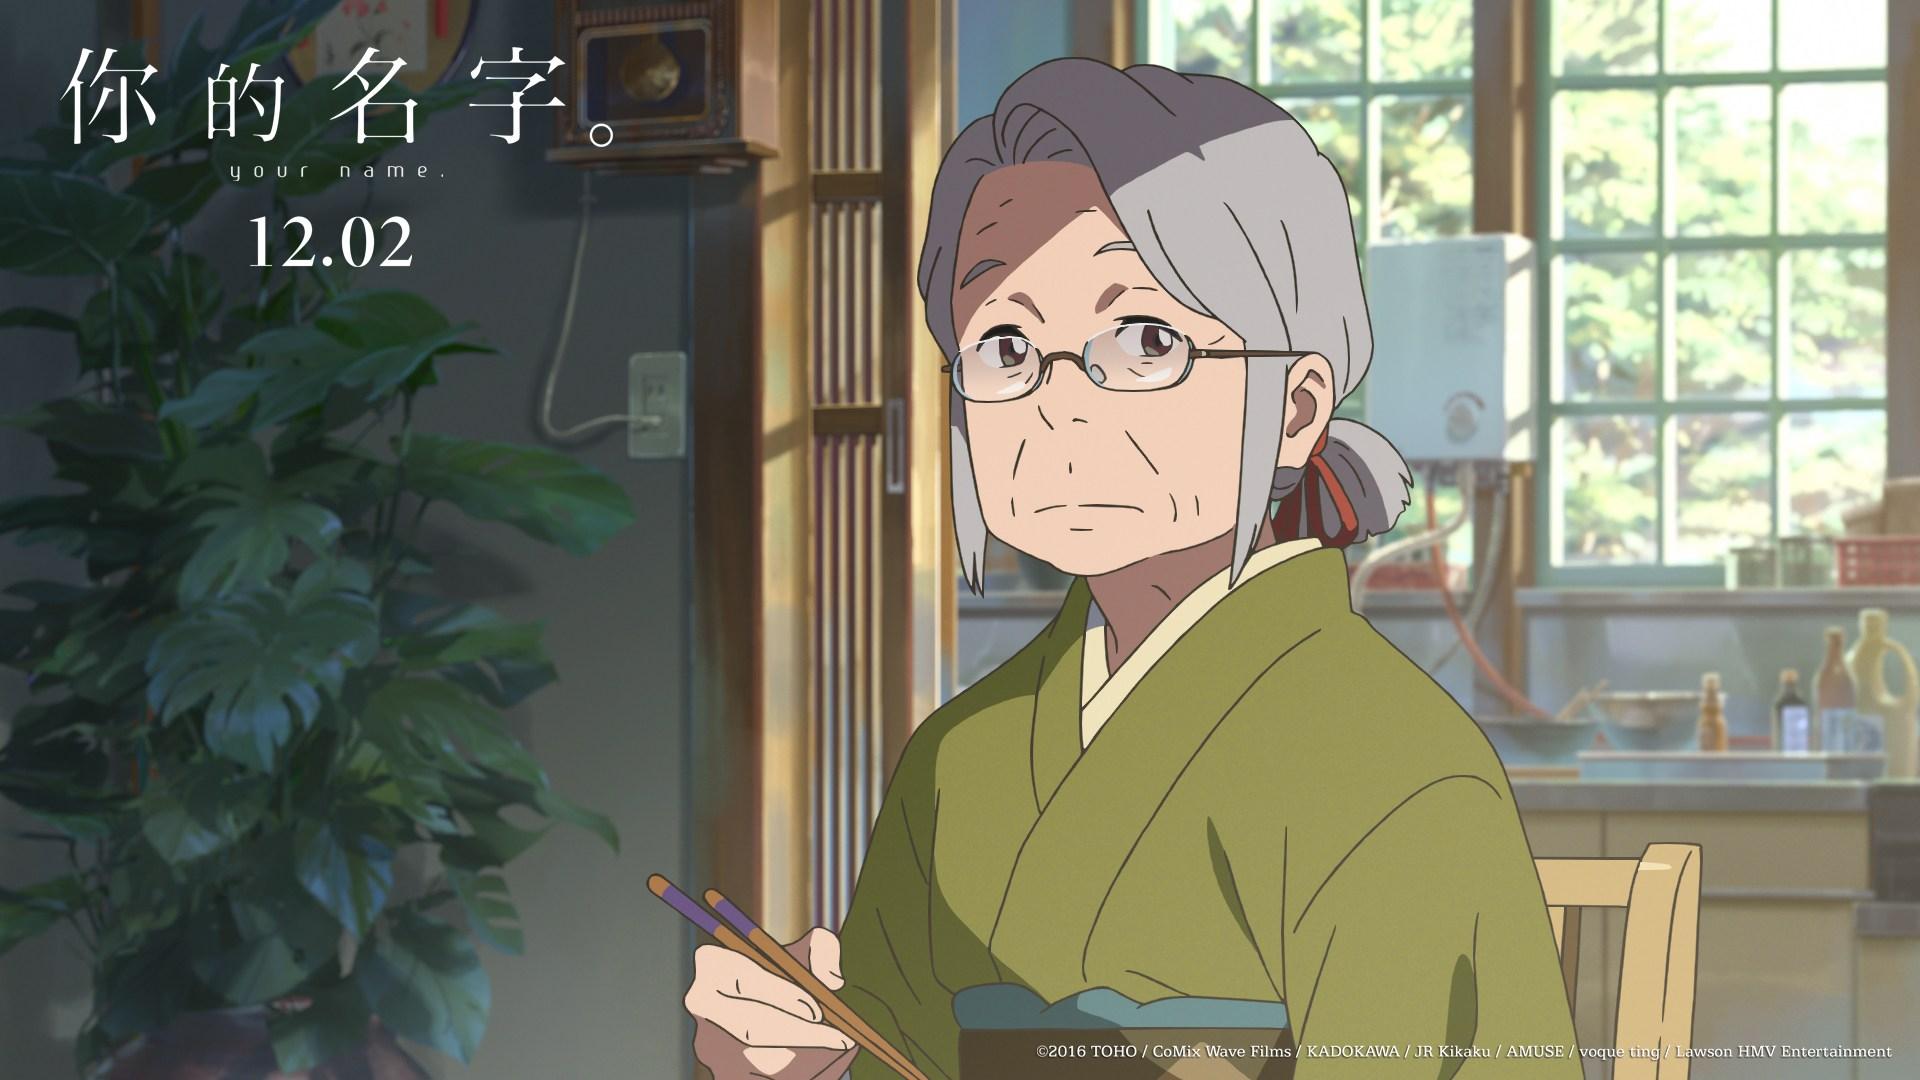 最火的动画_日媒票选 日本动画近30年最强女主,三笠 女帝未进前三